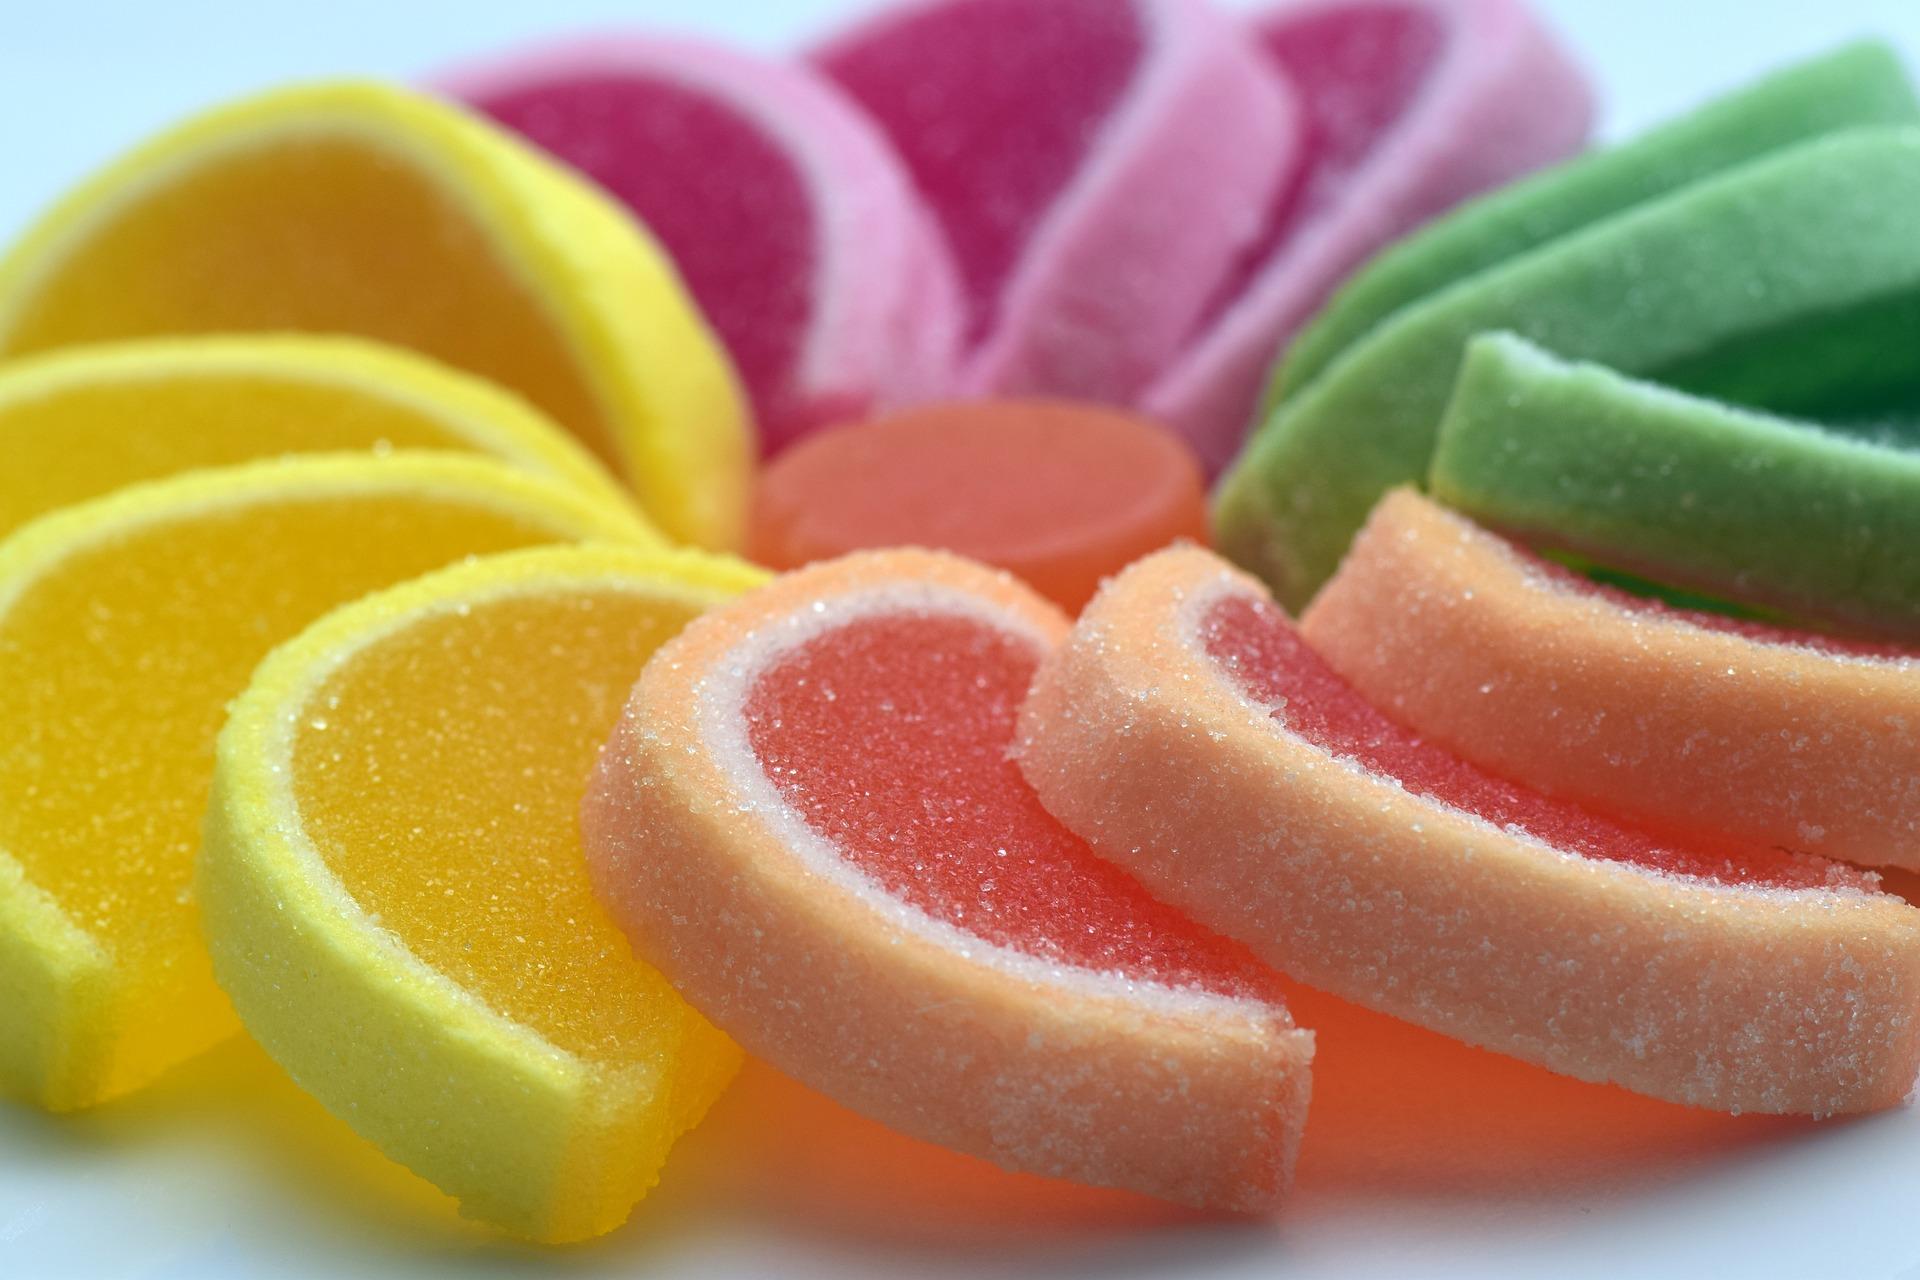 Le sucre, bon ou mauvais pour la santé ?